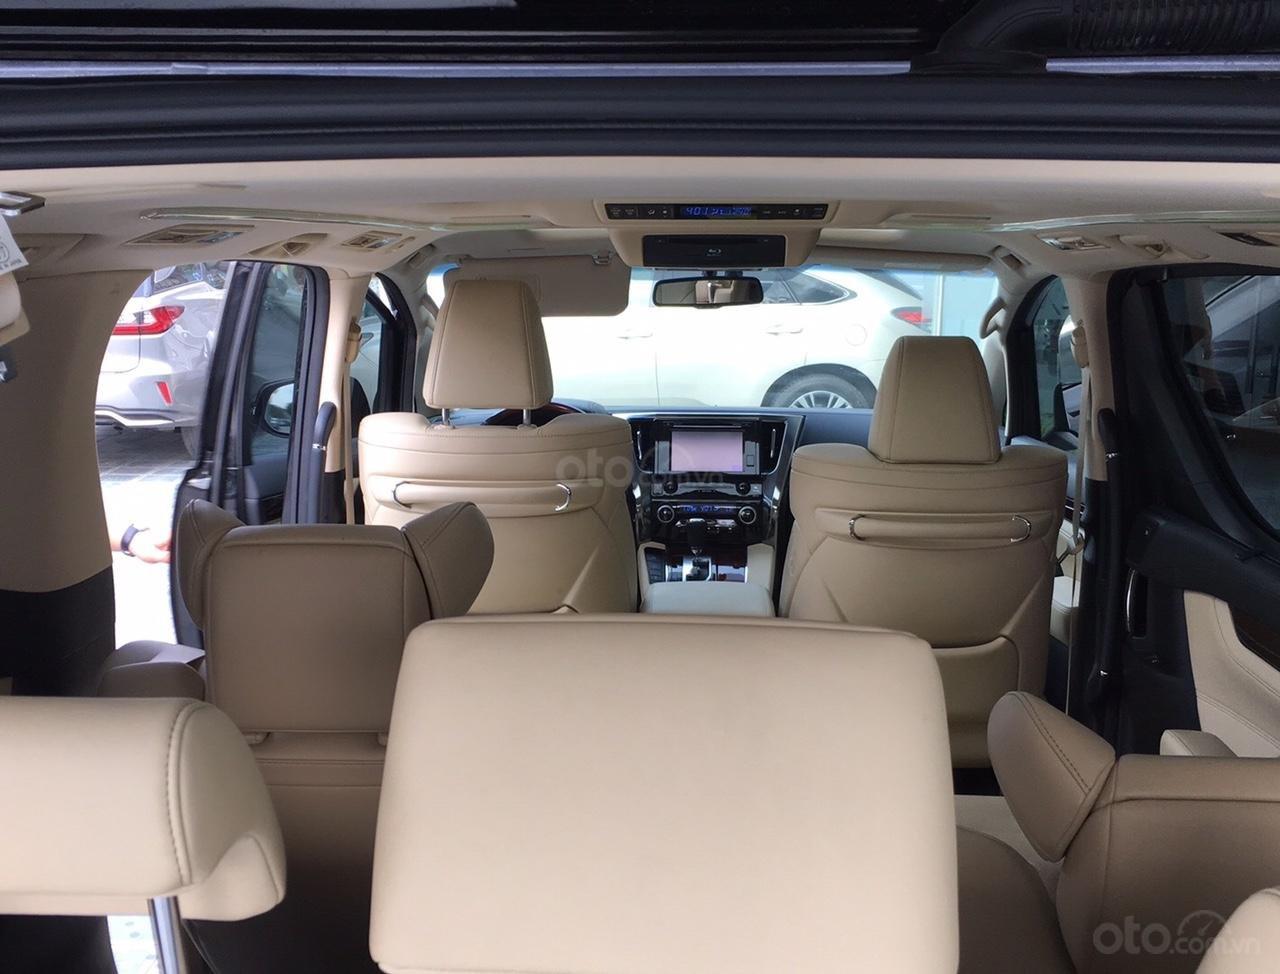 Bán xe Toyota Alphard Excutive Lou 2017, màu đen, nhập khẩu. LH em Hương 0945392468 (22)